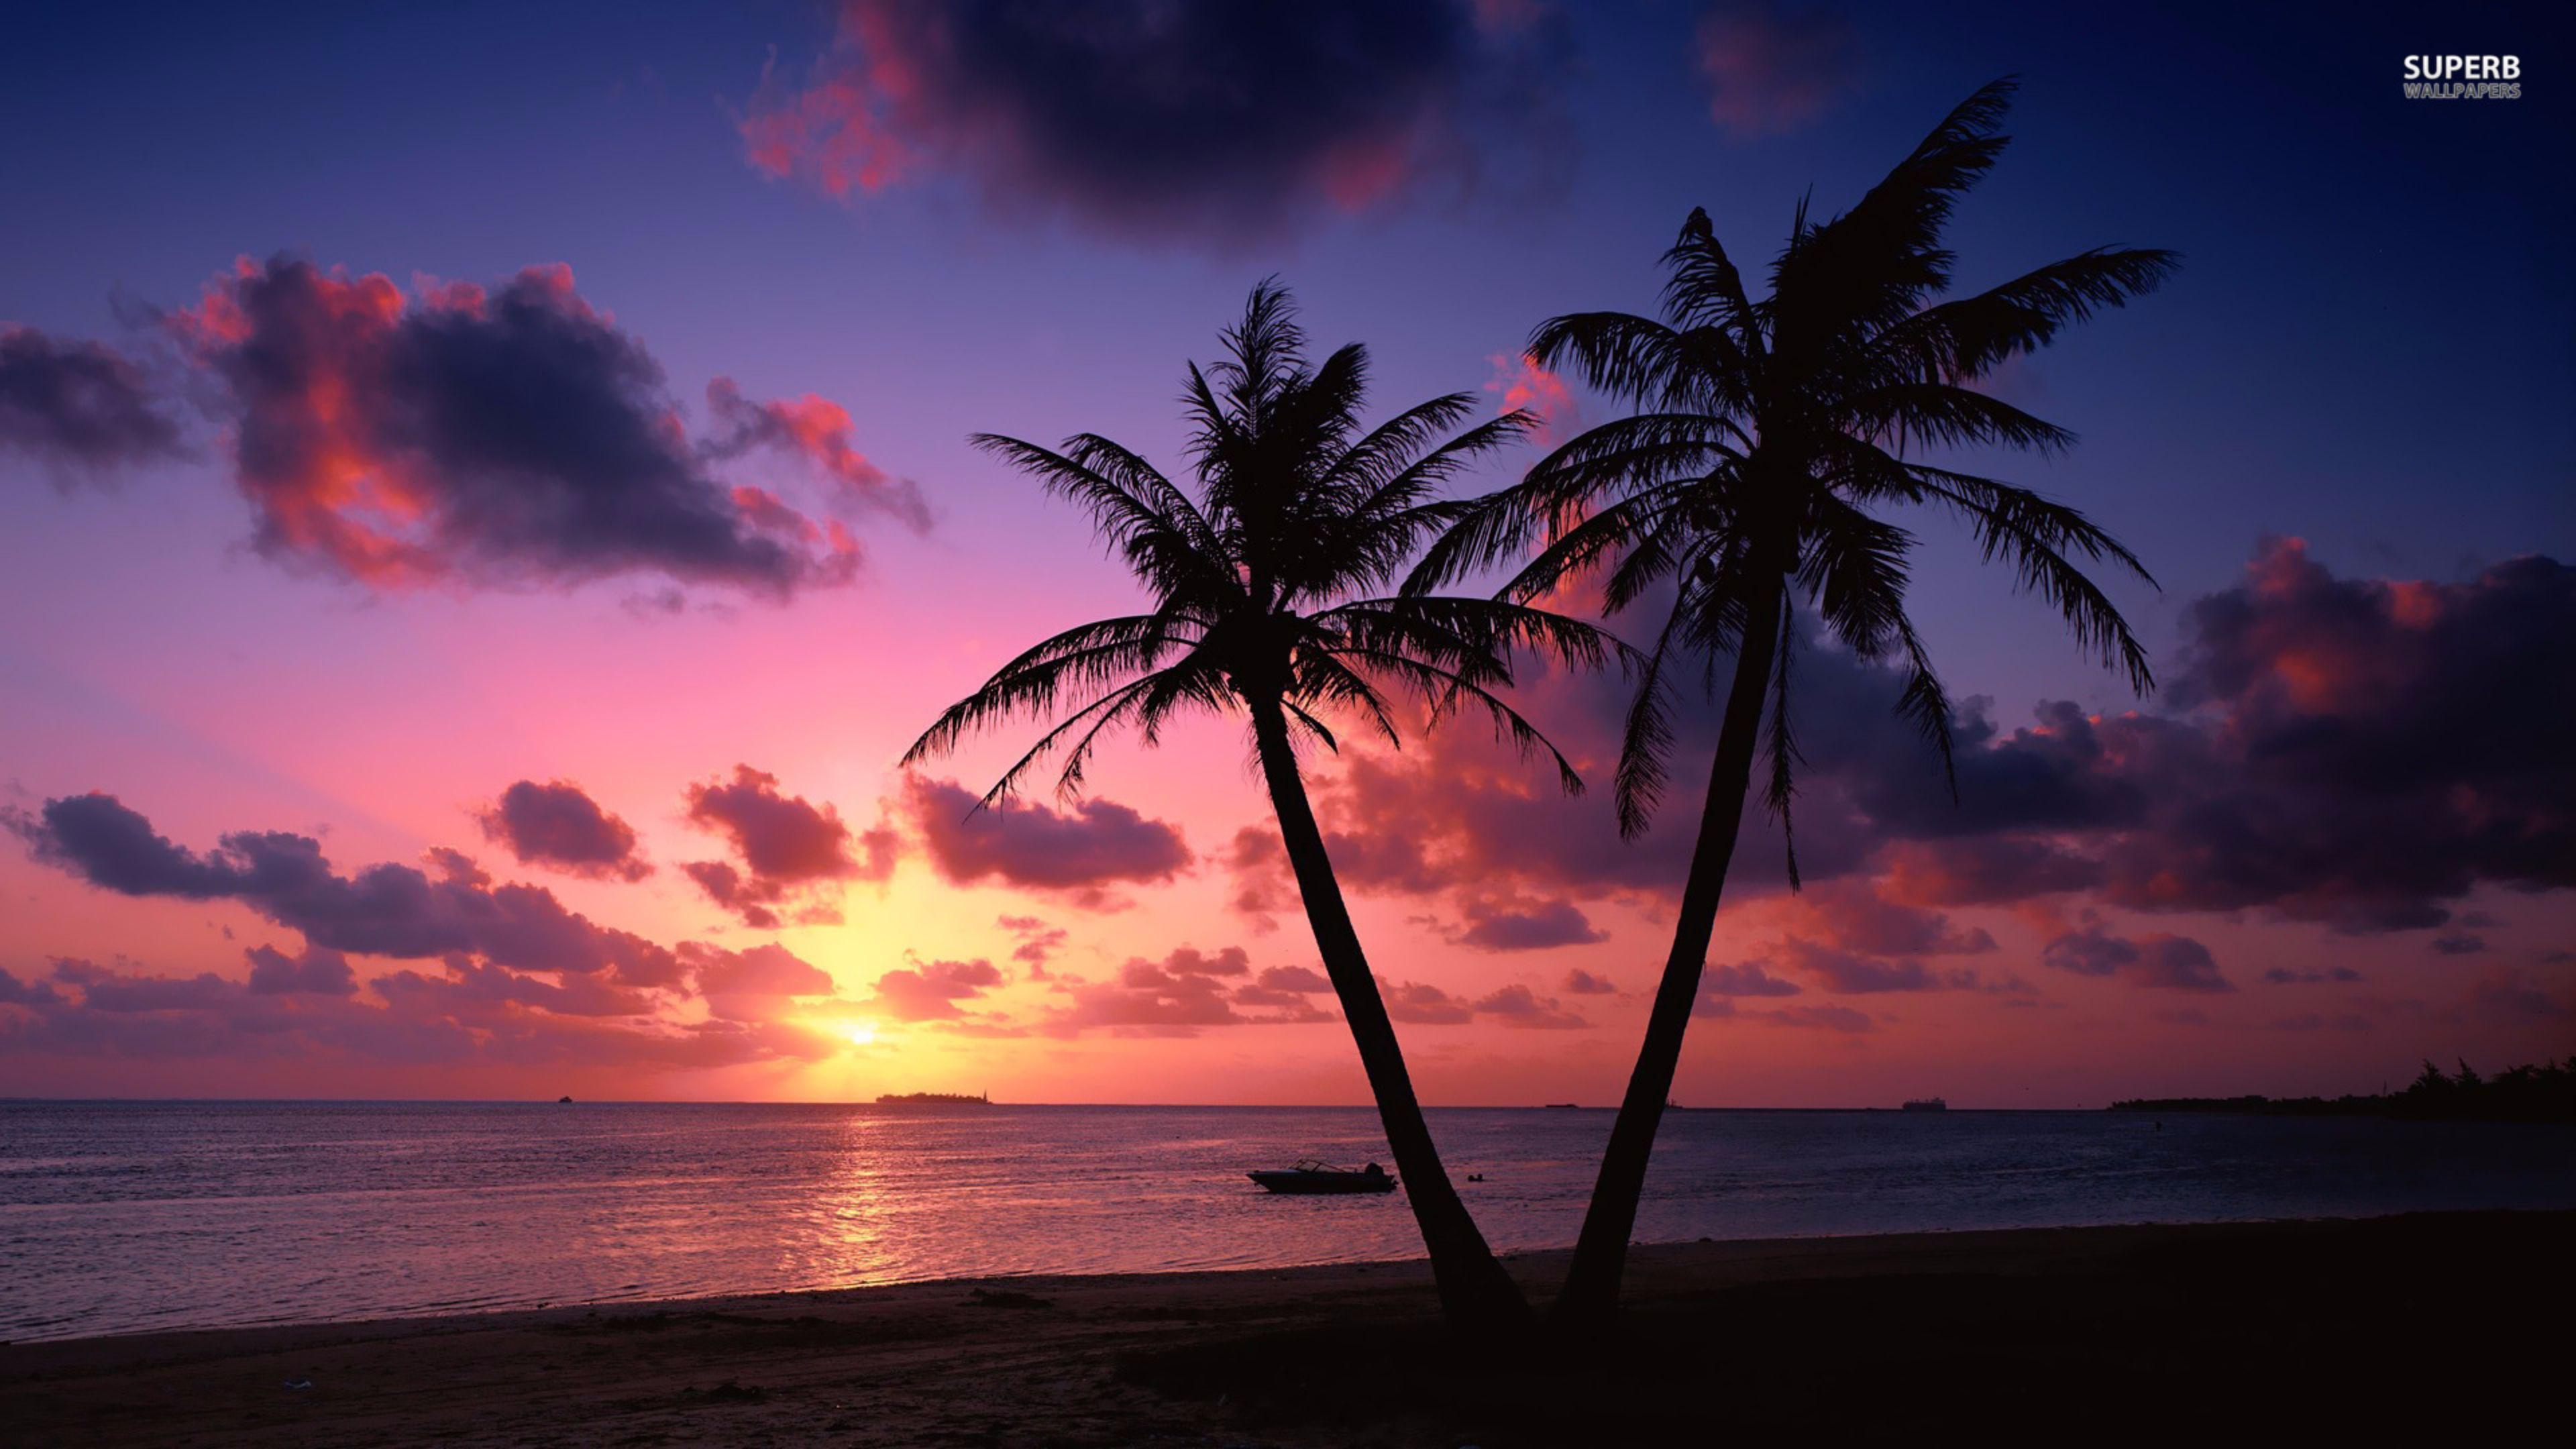 Sunset Tropical Beach Background - HD Wallpaper